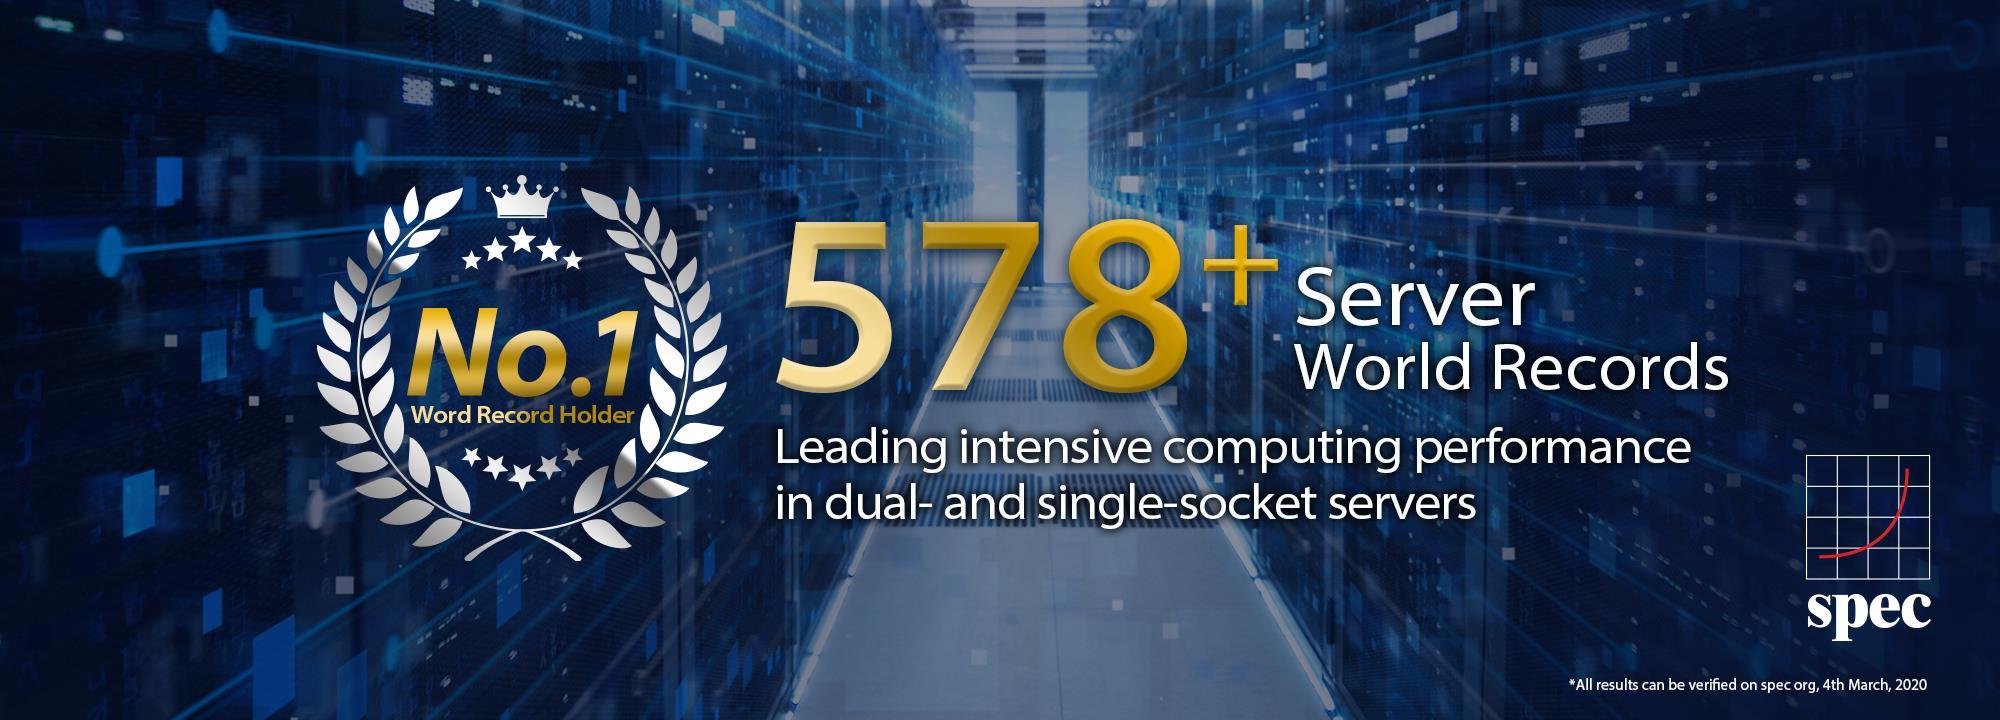 Az ASUS egy- és kétfoglalatos szervereié a legtöbb világrekord a SPEC.org teljesítményrangsorában